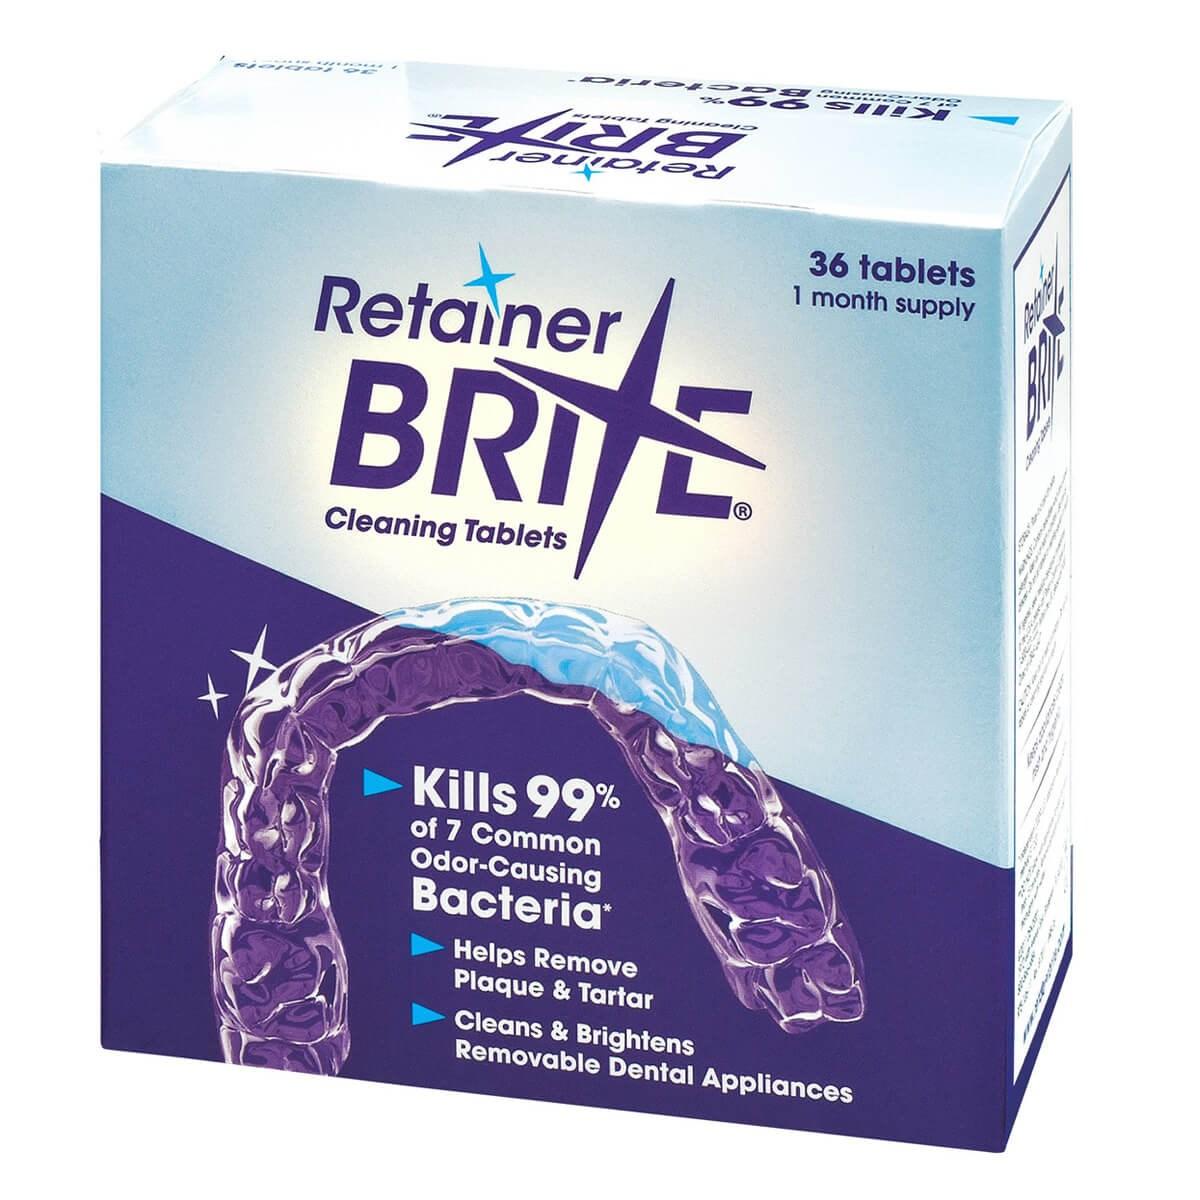 Retainer Brite